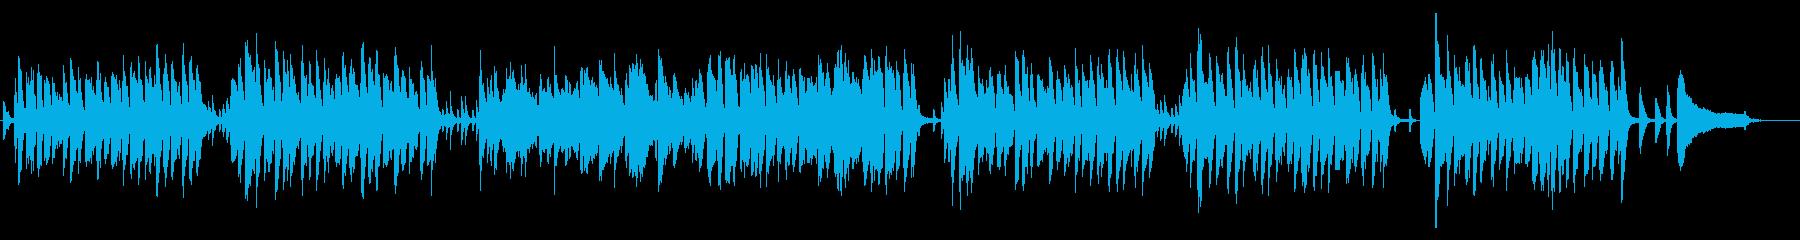 ピアノトリオのボサ・ノヴァ風ジャズの再生済みの波形